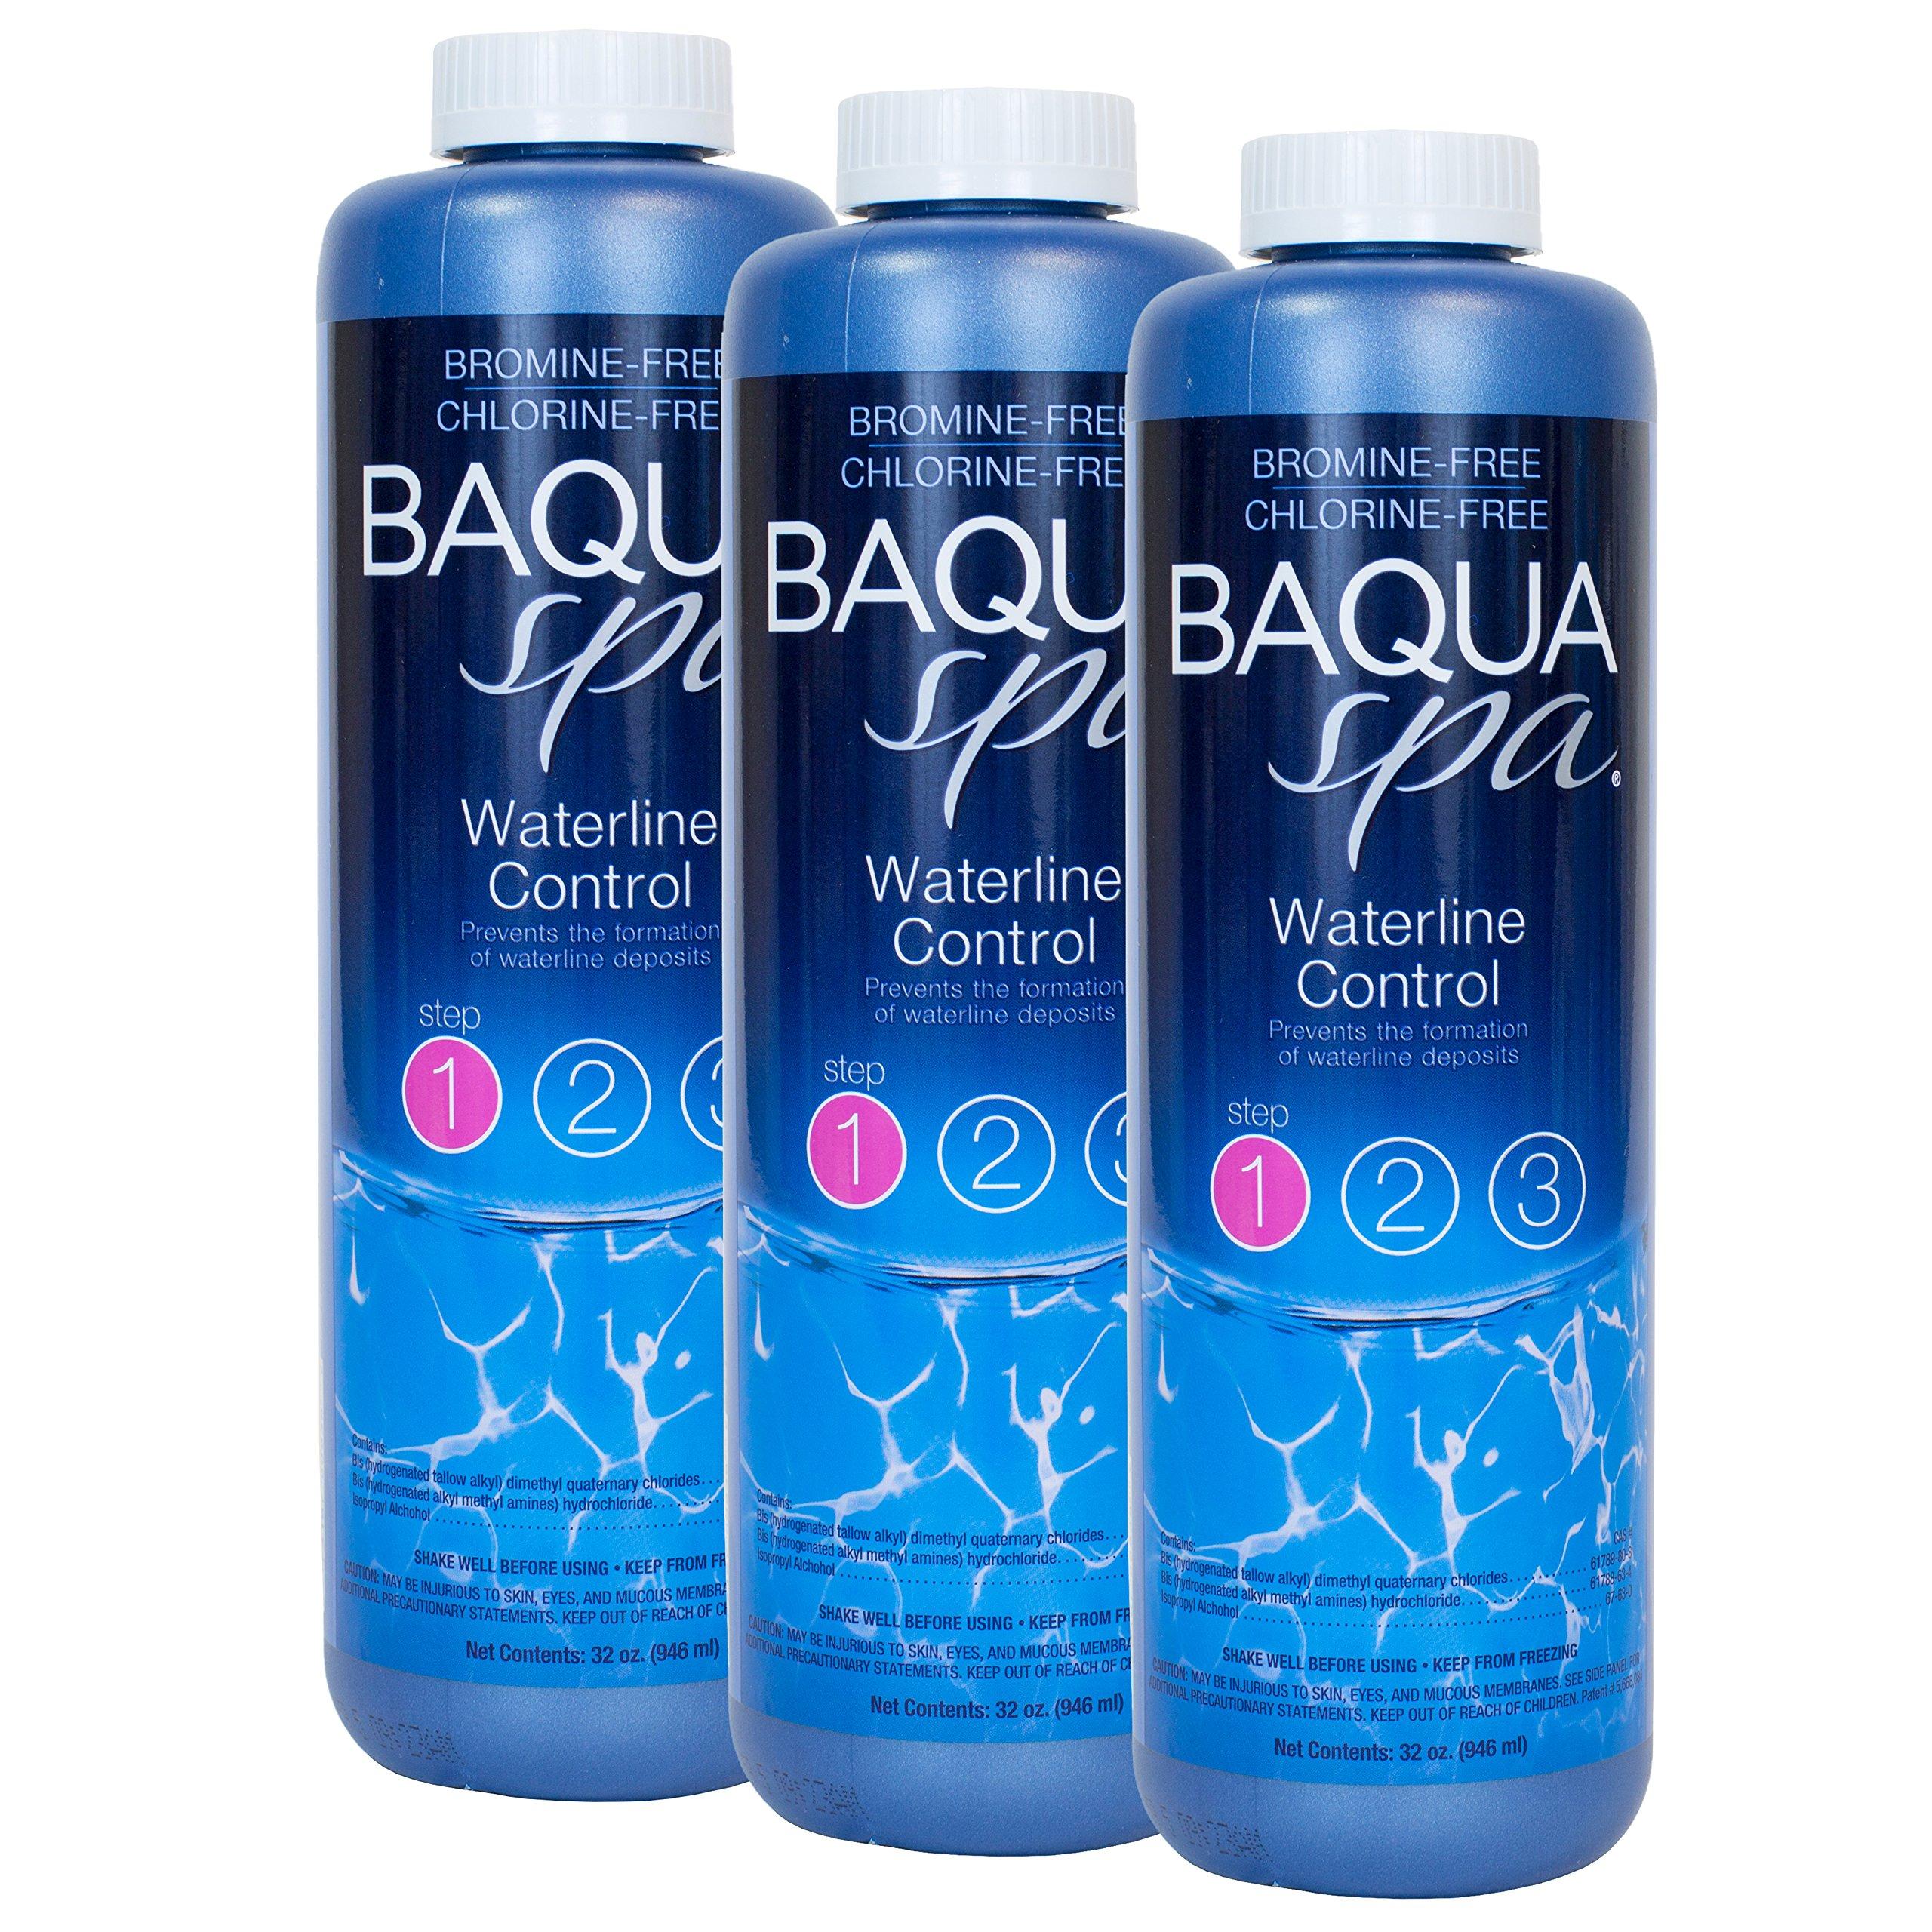 Baqua Spa Waterline Control (1 qt) (3 Pack) by Baqua Spa